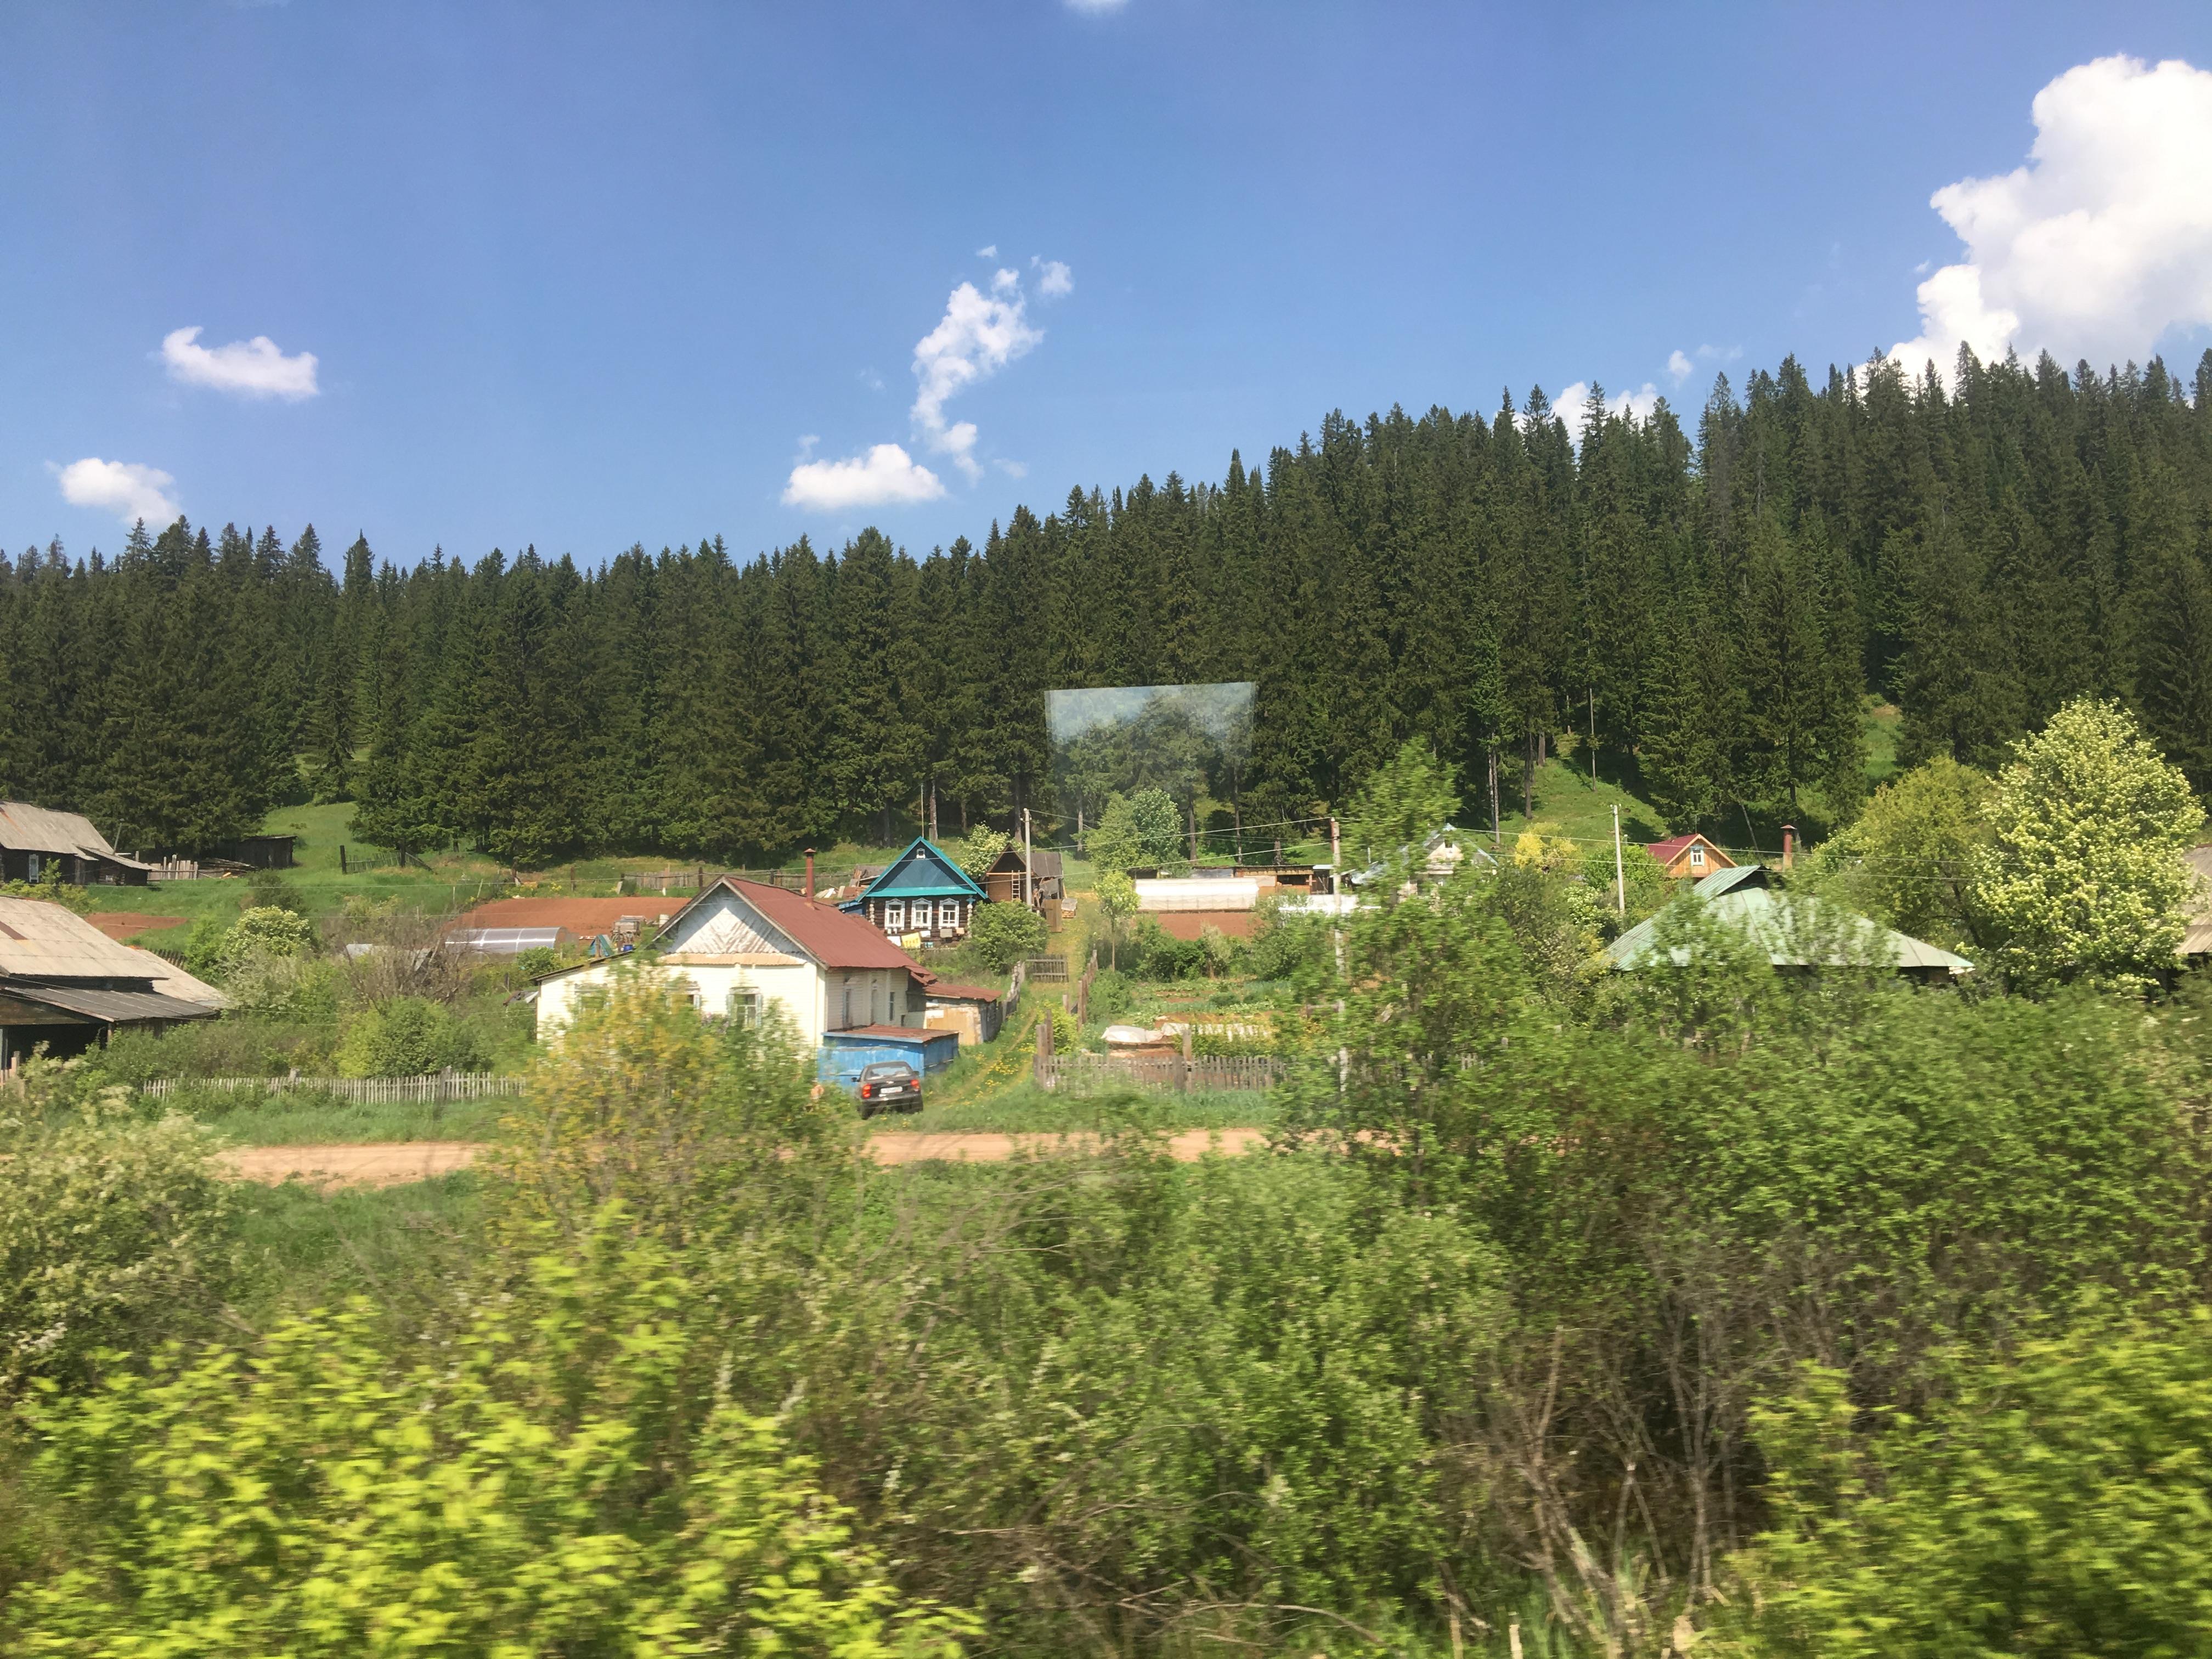 Russie, photo prise à bord du Transsibérien en direction de Moscou